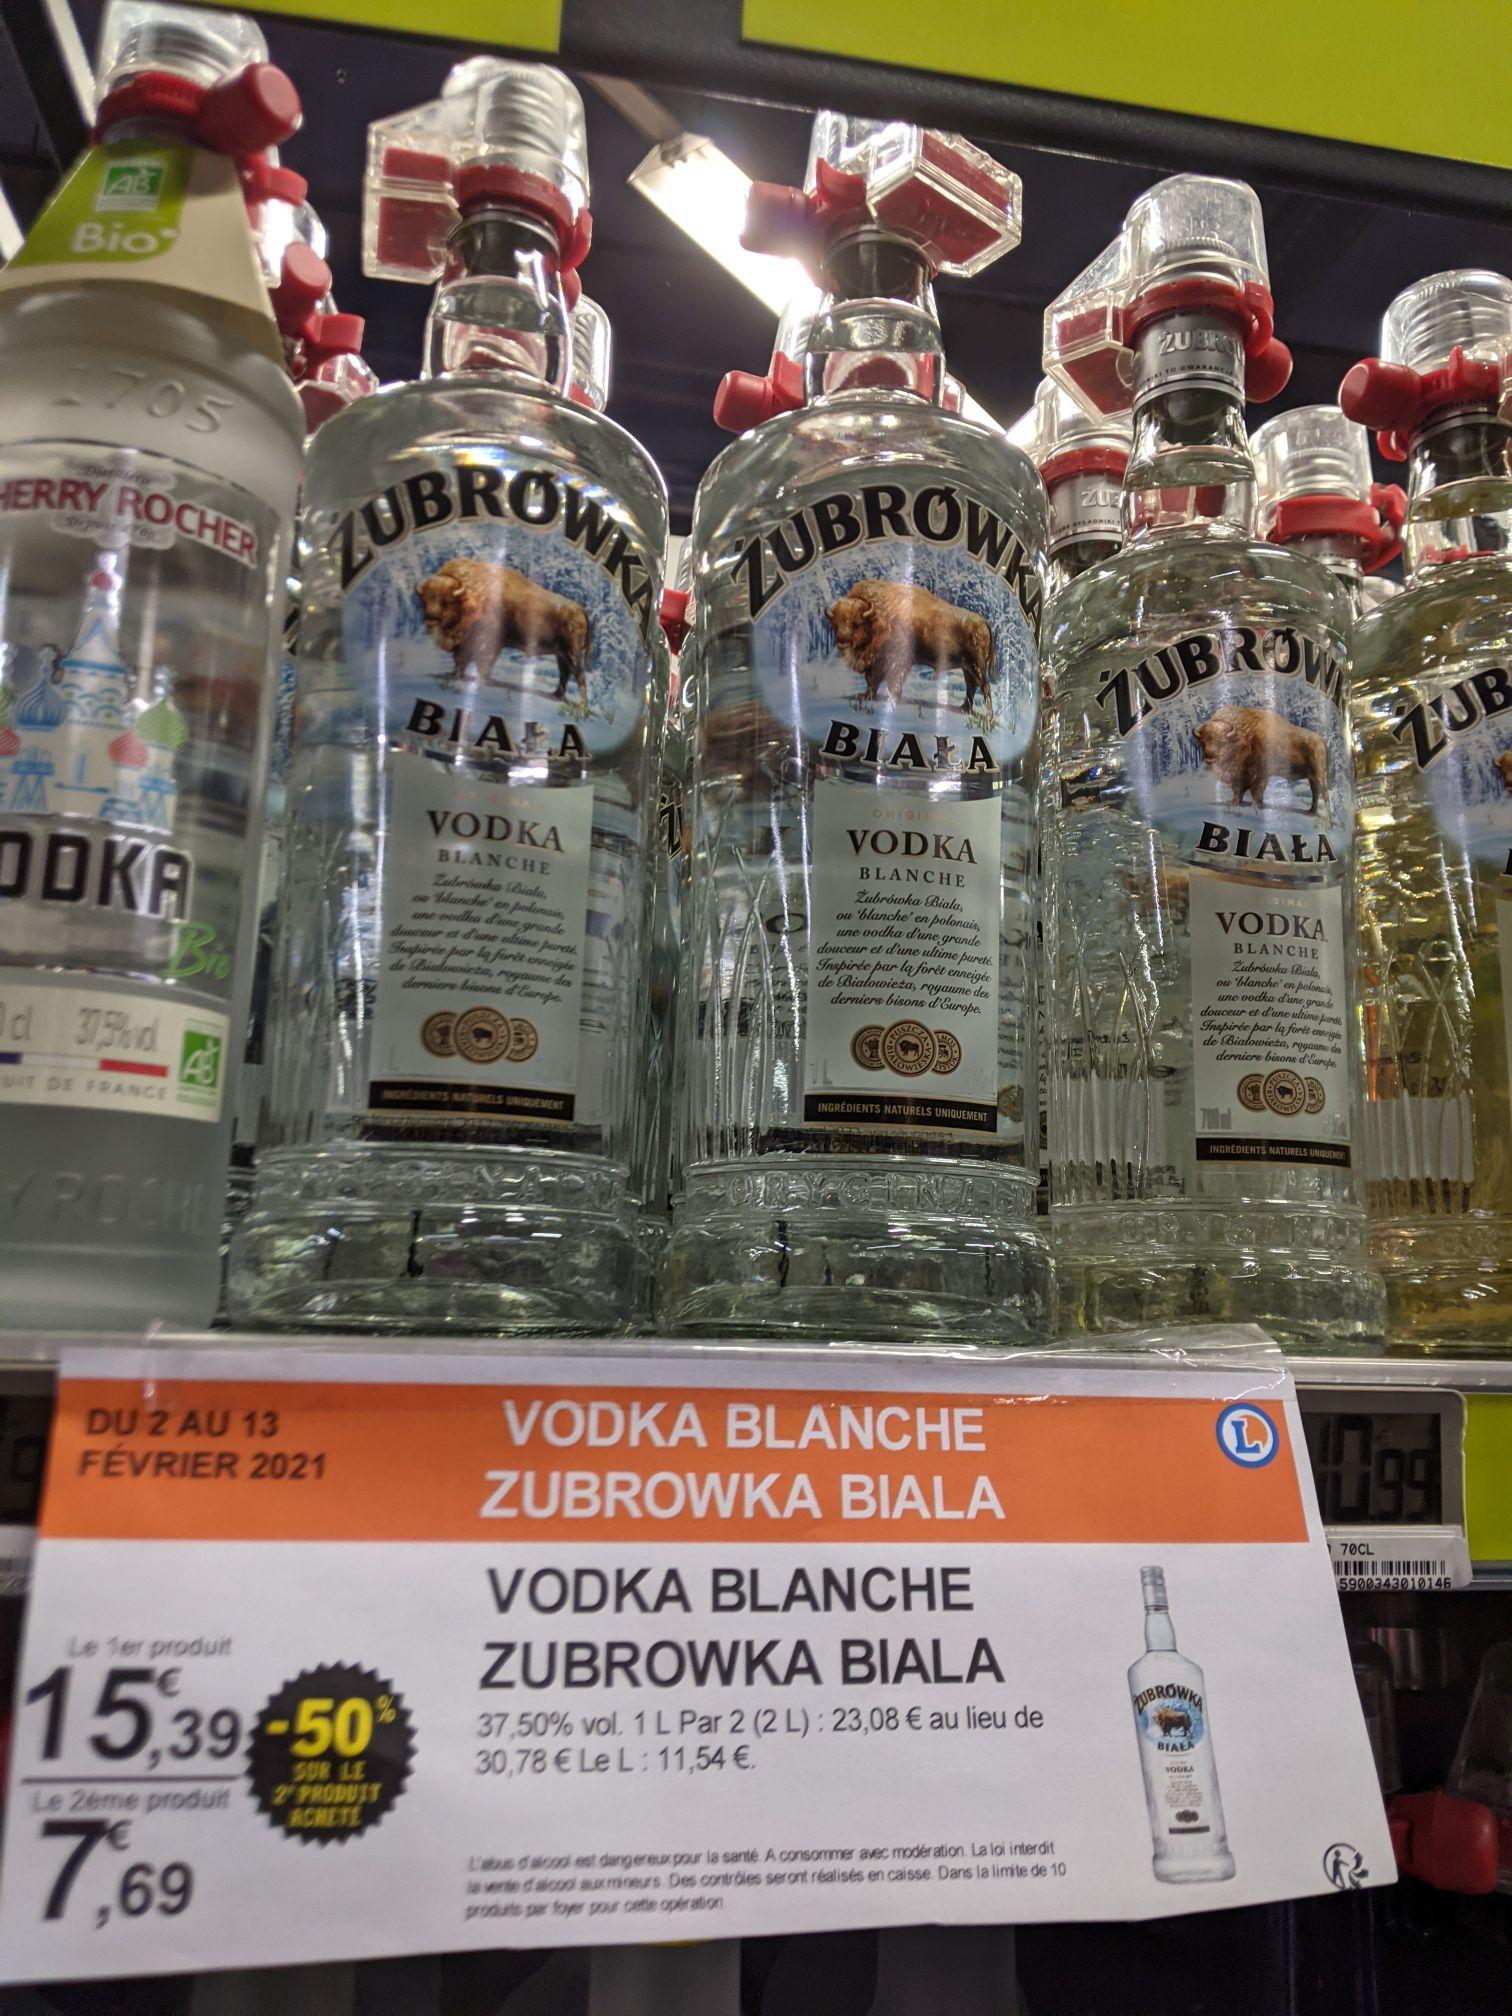 Lot de 2 Bouteilles de Vodka Zobrowka Biala (70 cl) - Strasbourg (67)